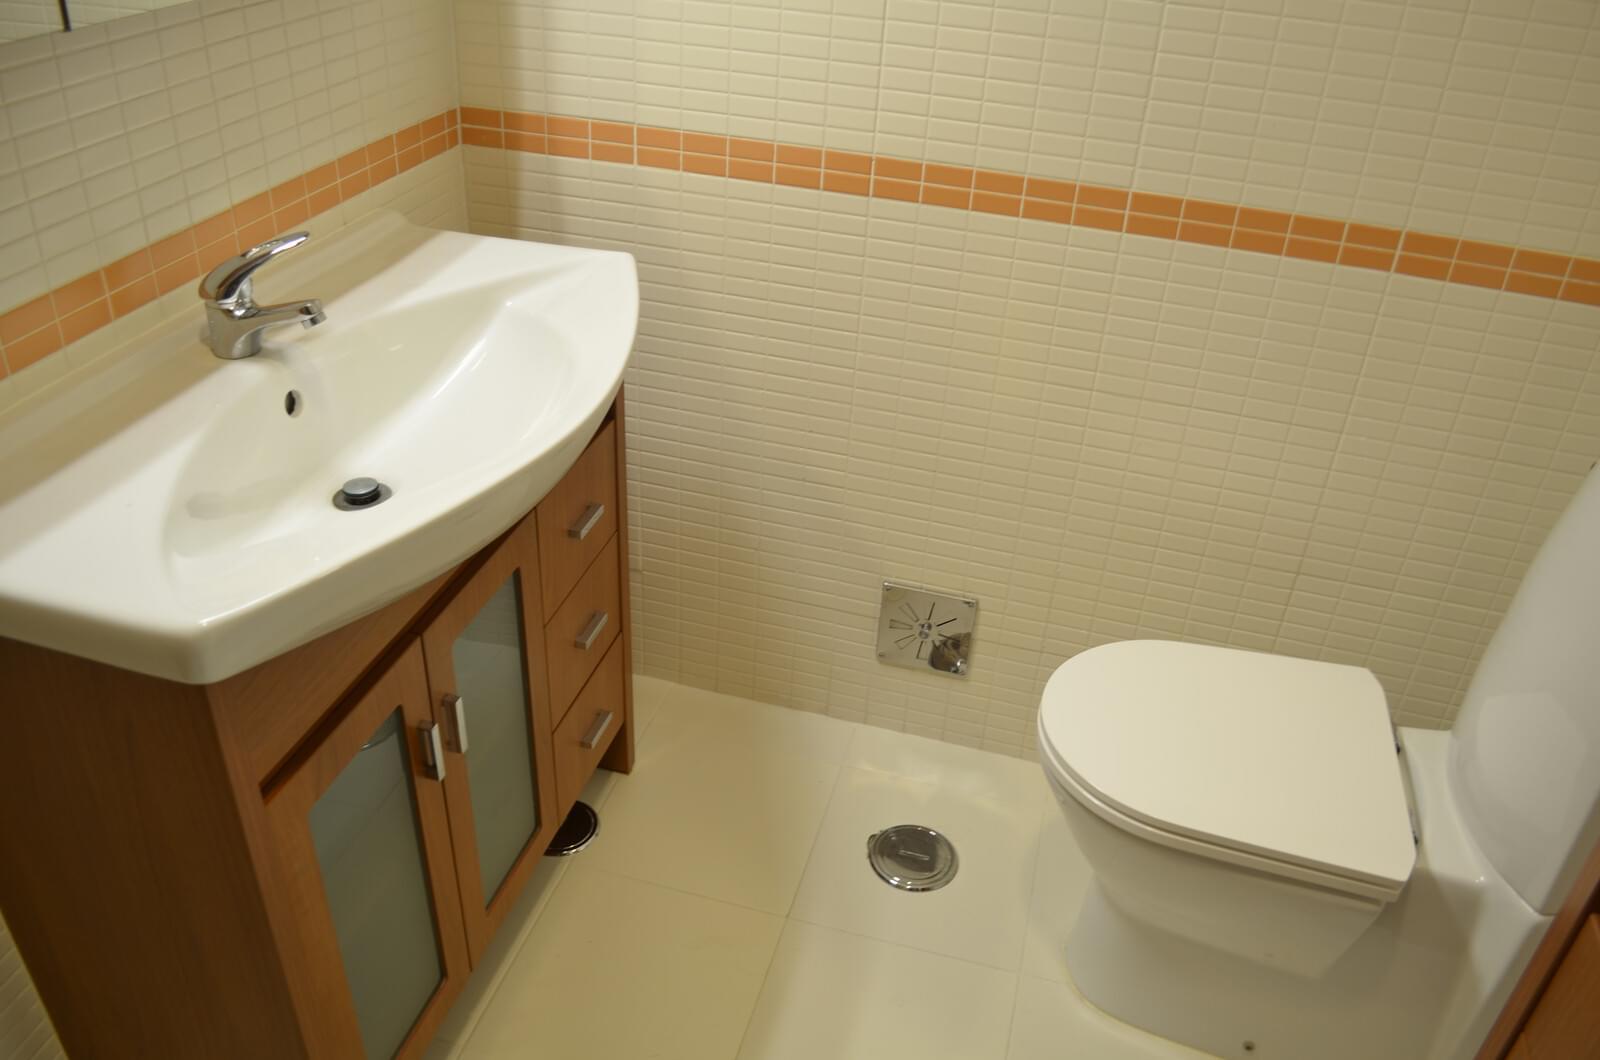 pf18839-apartamento-t2-lisboa-90a6087d-07be-4076-b8f0-738237c8de1b